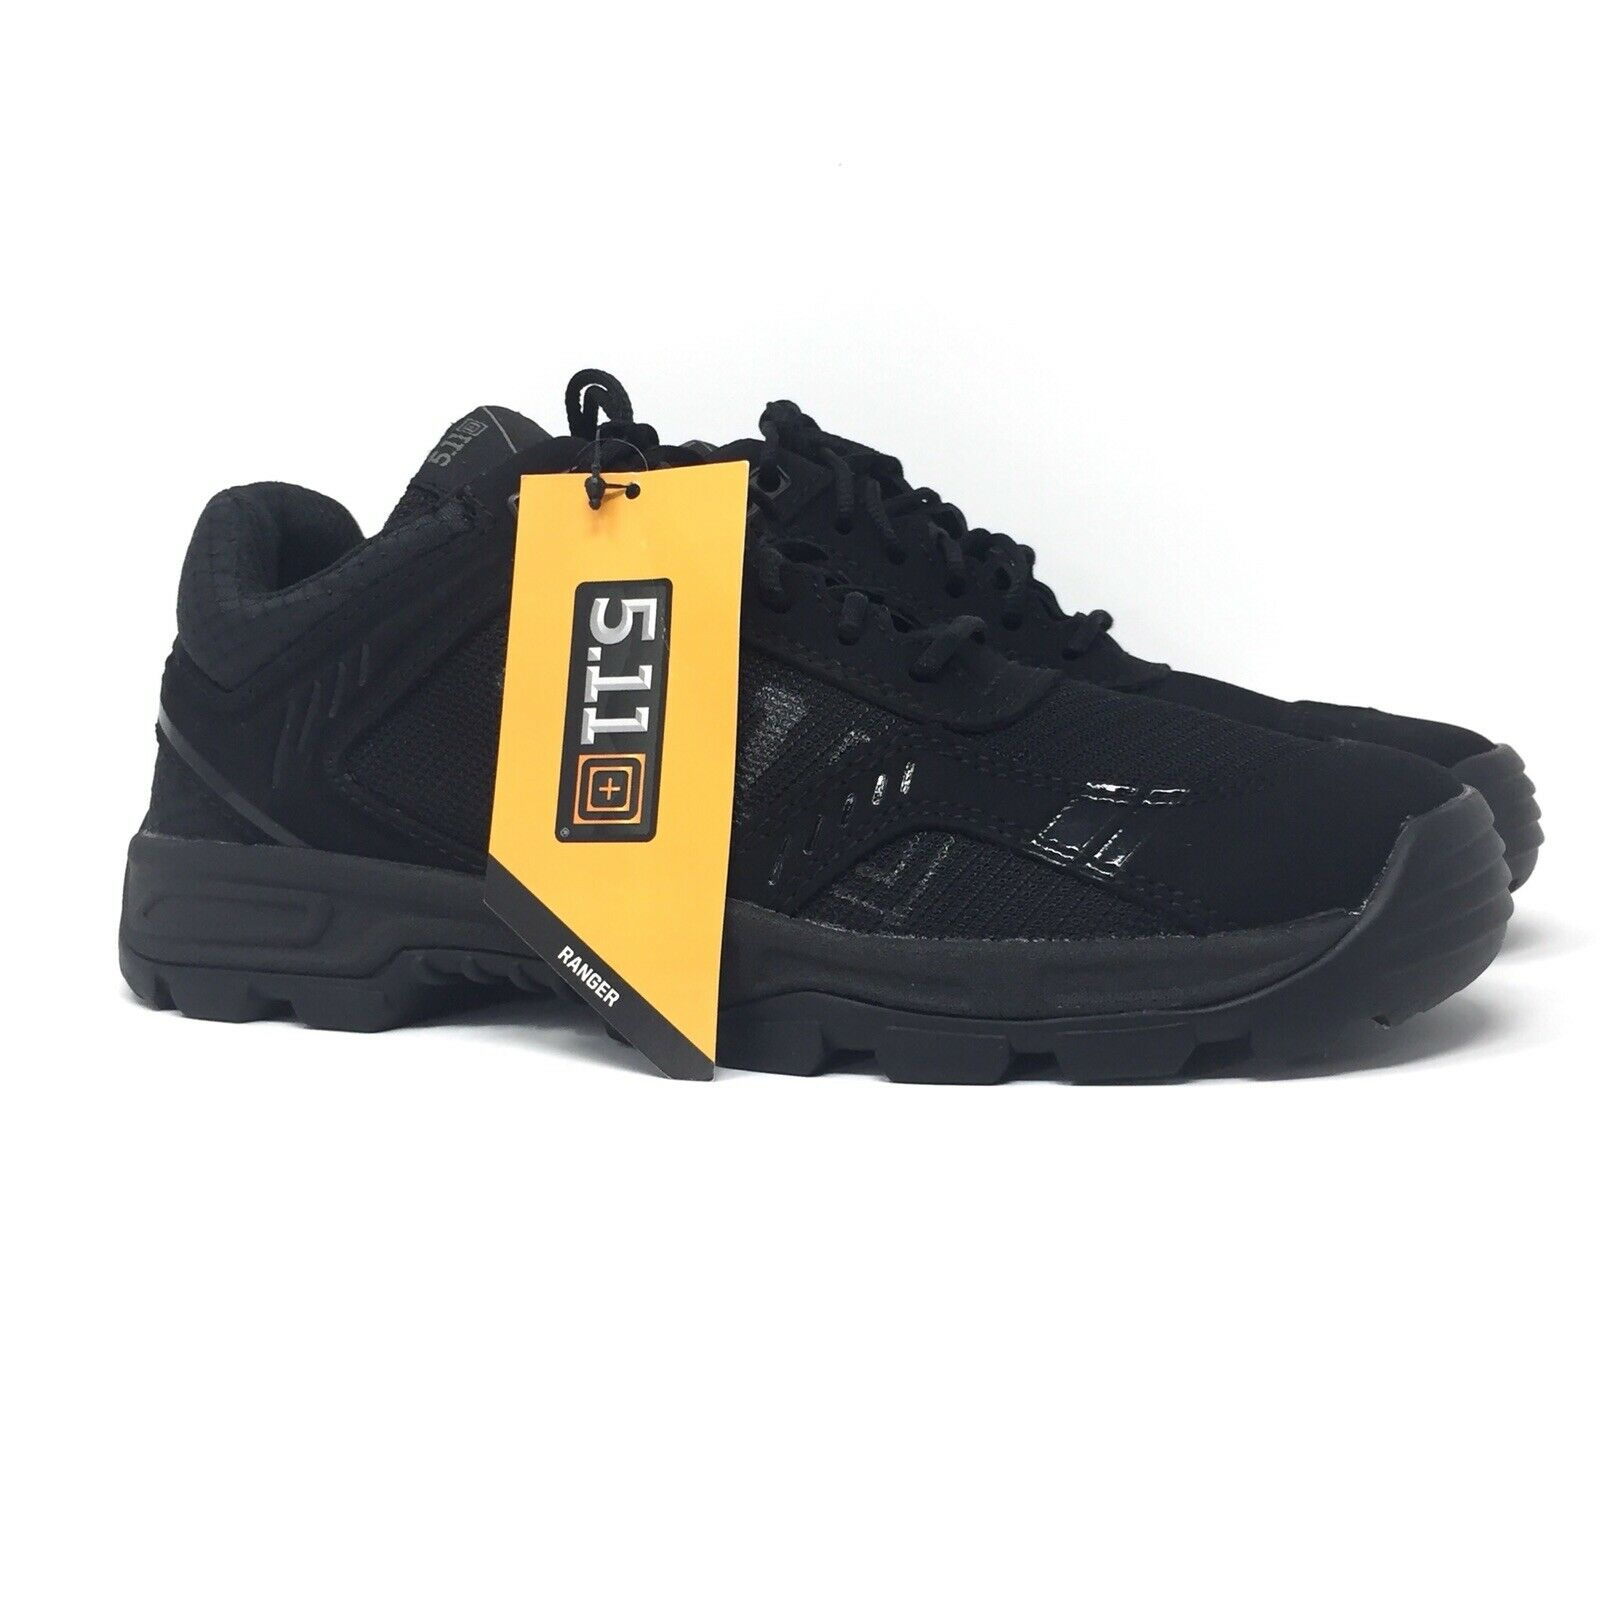 5.11 Tactical 12308 Ranger Zapato Negro para Hombres Nuevo con etiquetas